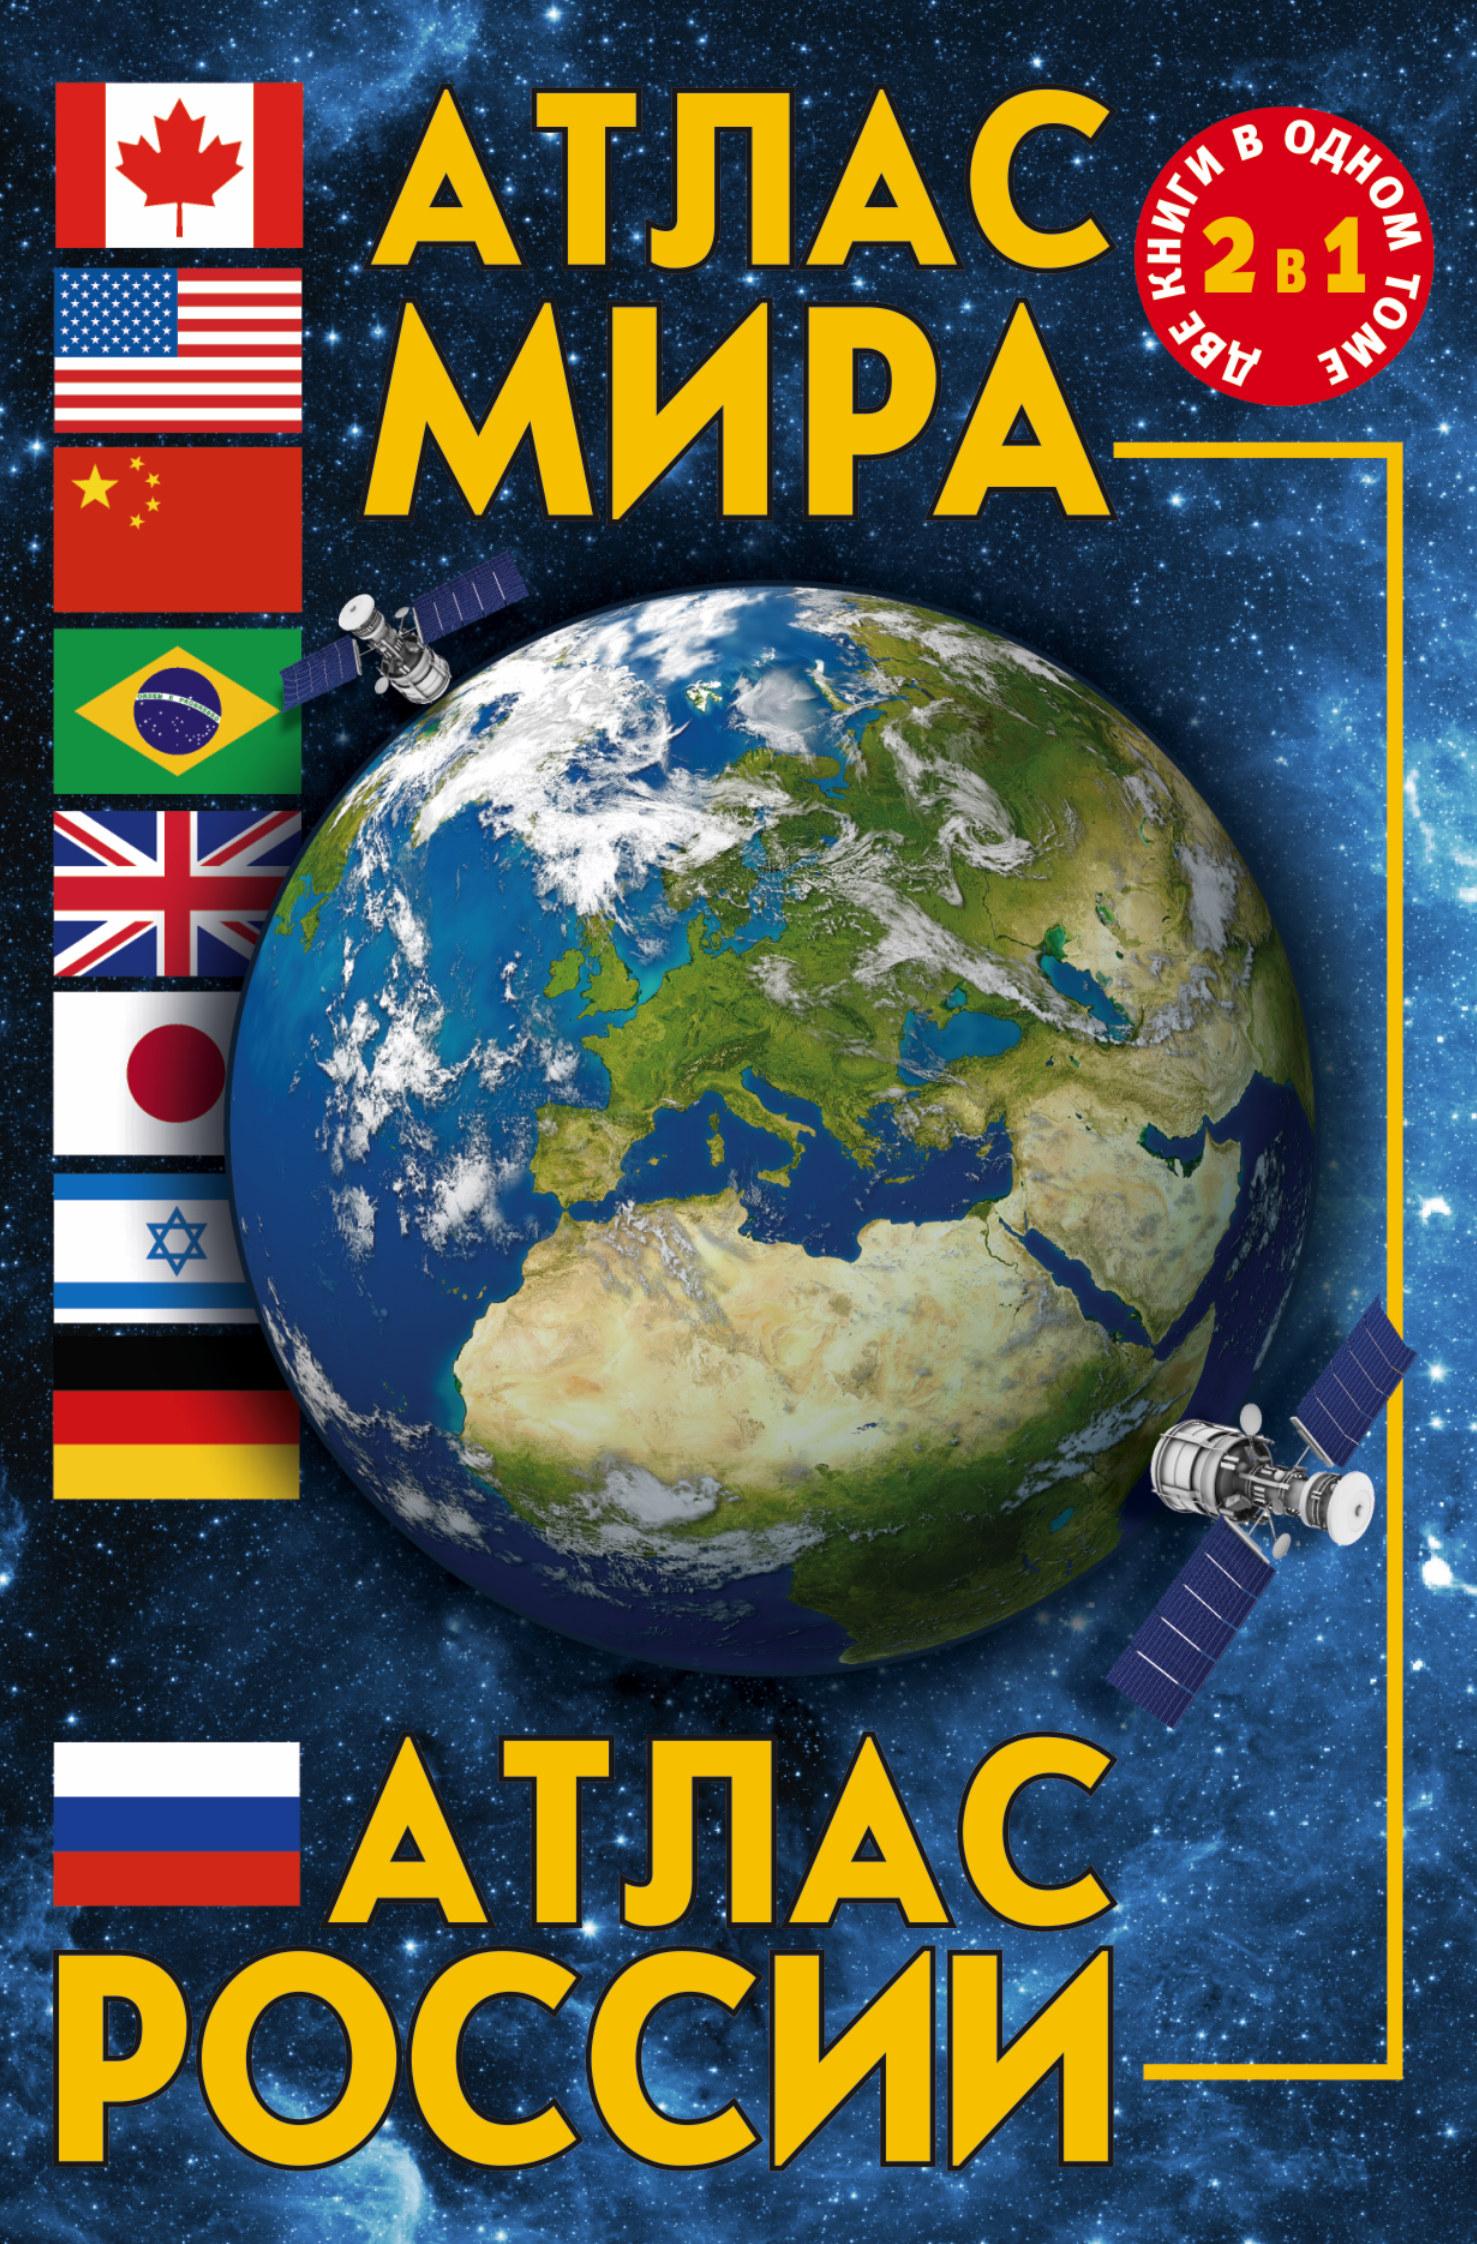 Атлас мира. Атлас России